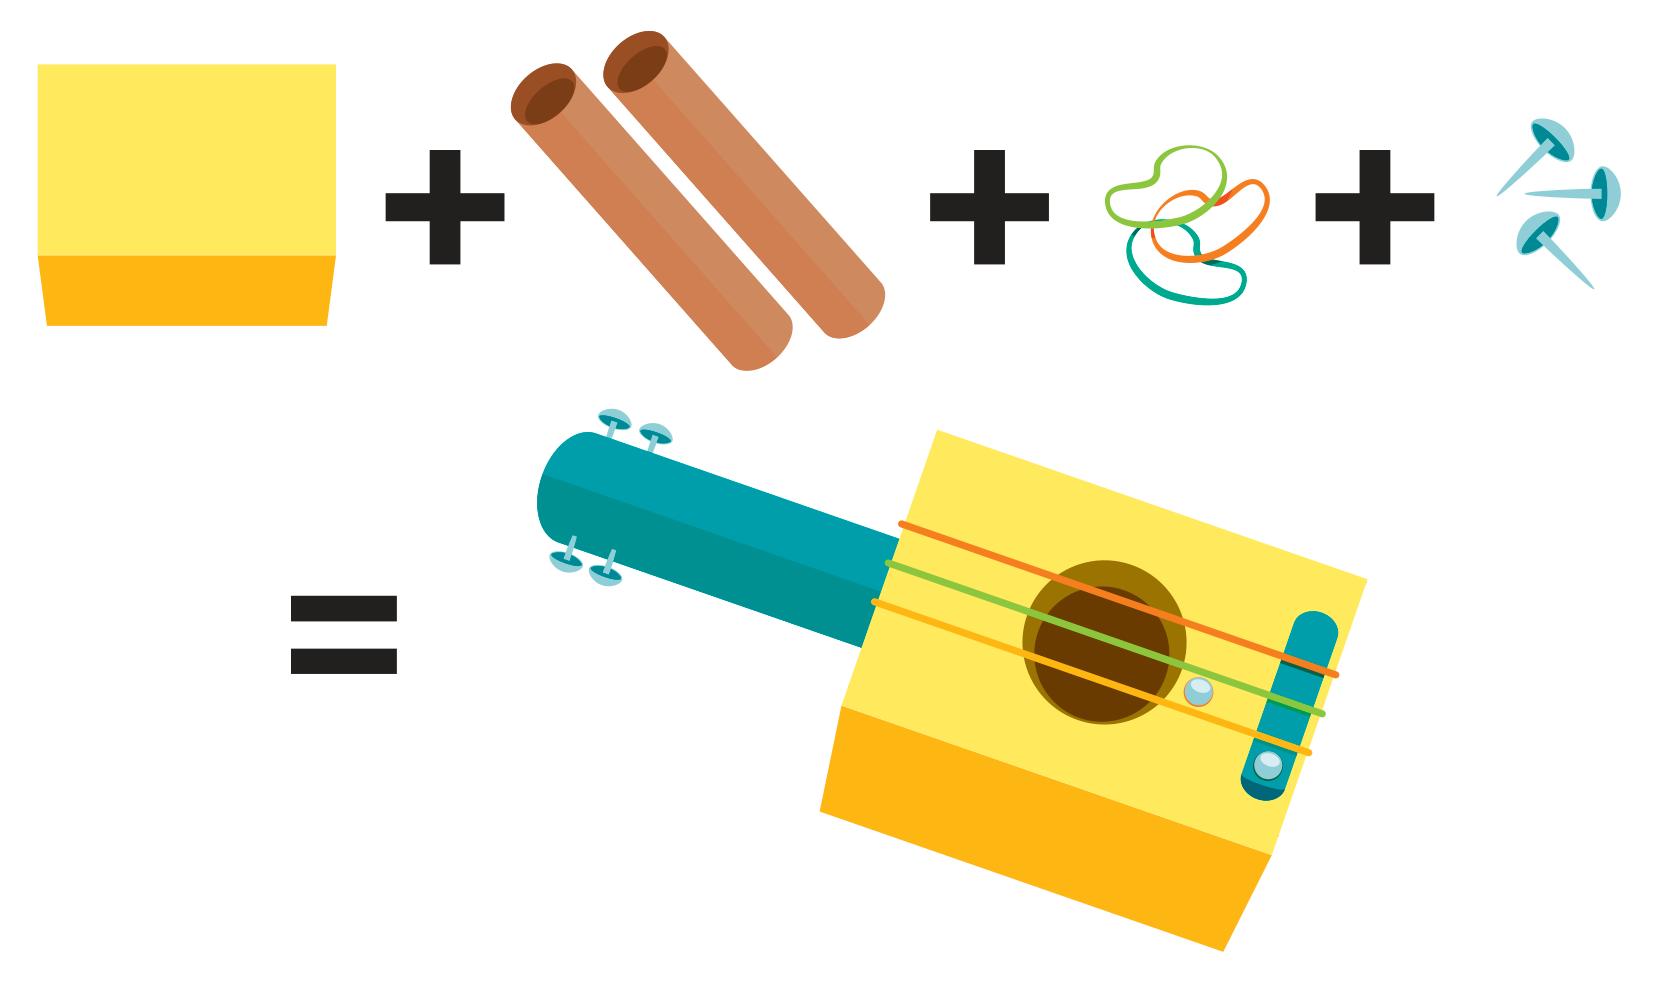 ilustração dos materiais necessários para a confecção do ukulele, sendo caixa e rolos de papelão, elásticos e tachinhas, seguido de imagem ilustrando o instrumento montado.